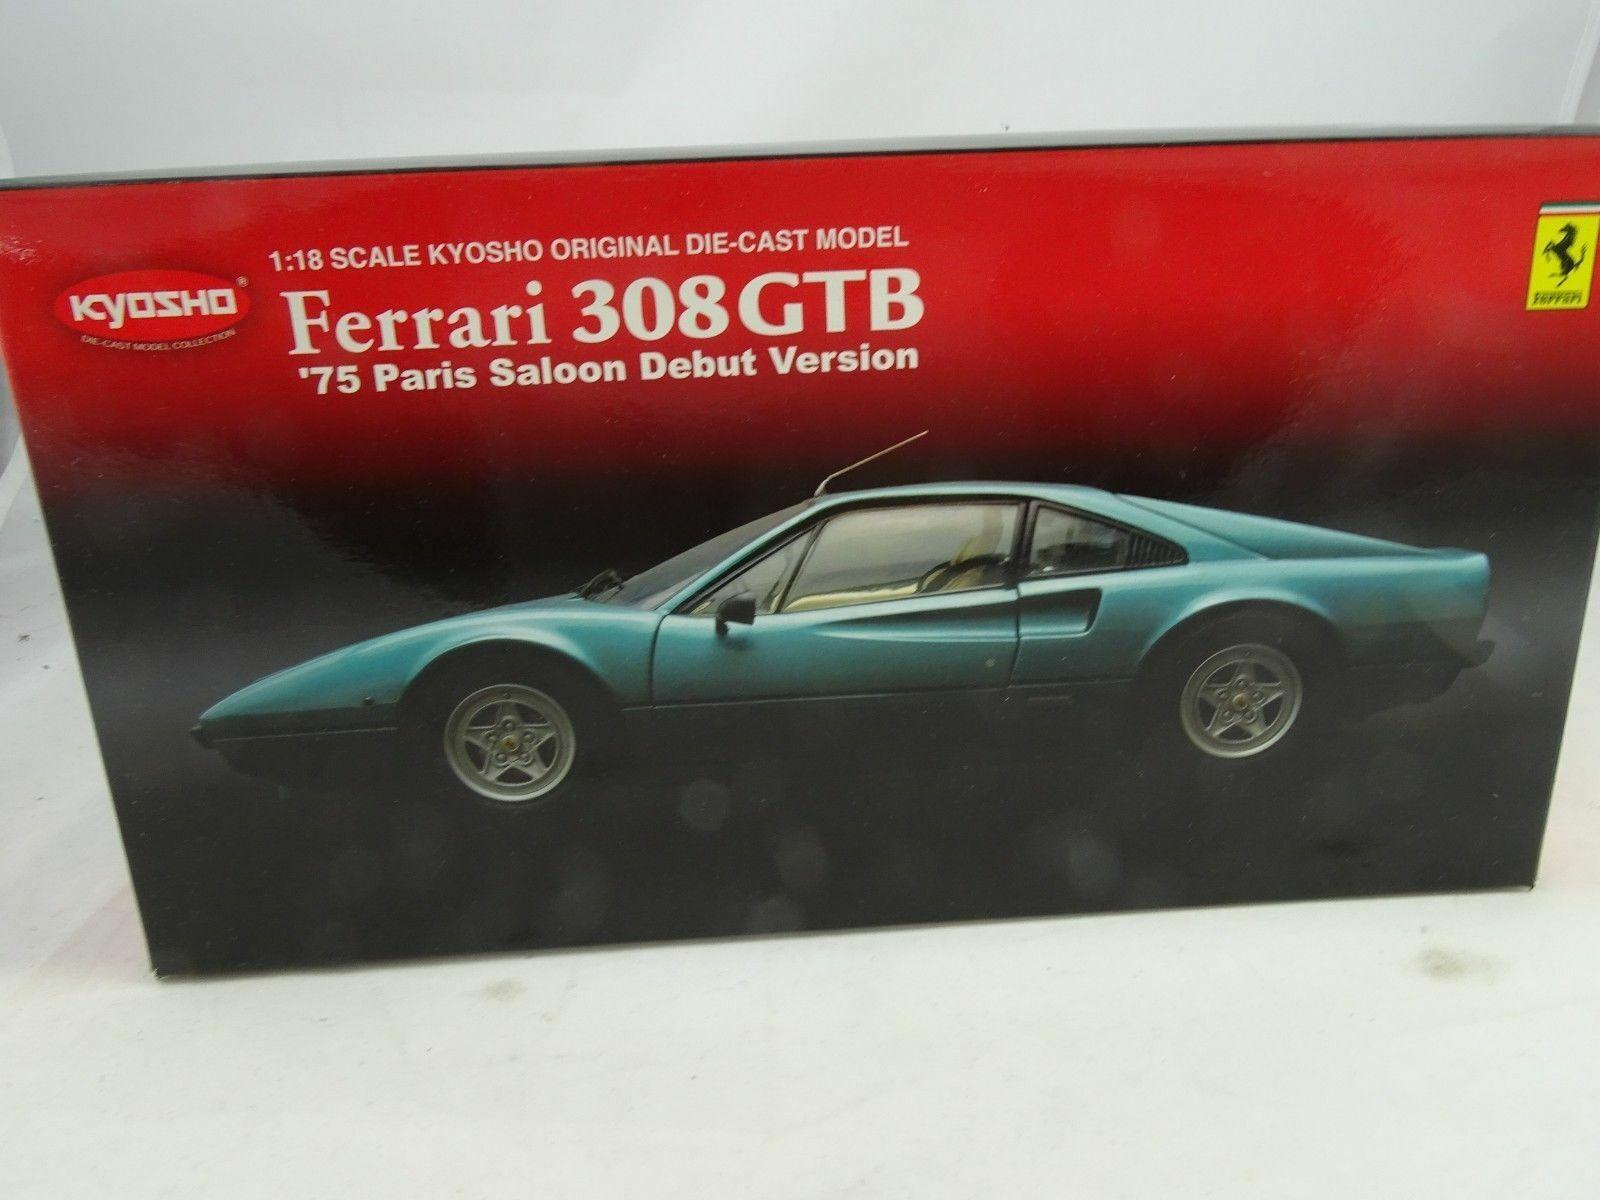 1 18 Kyosho ferrari 308gtb 1975 parís debut versión azulverde rareza nuevo en el embalaje original